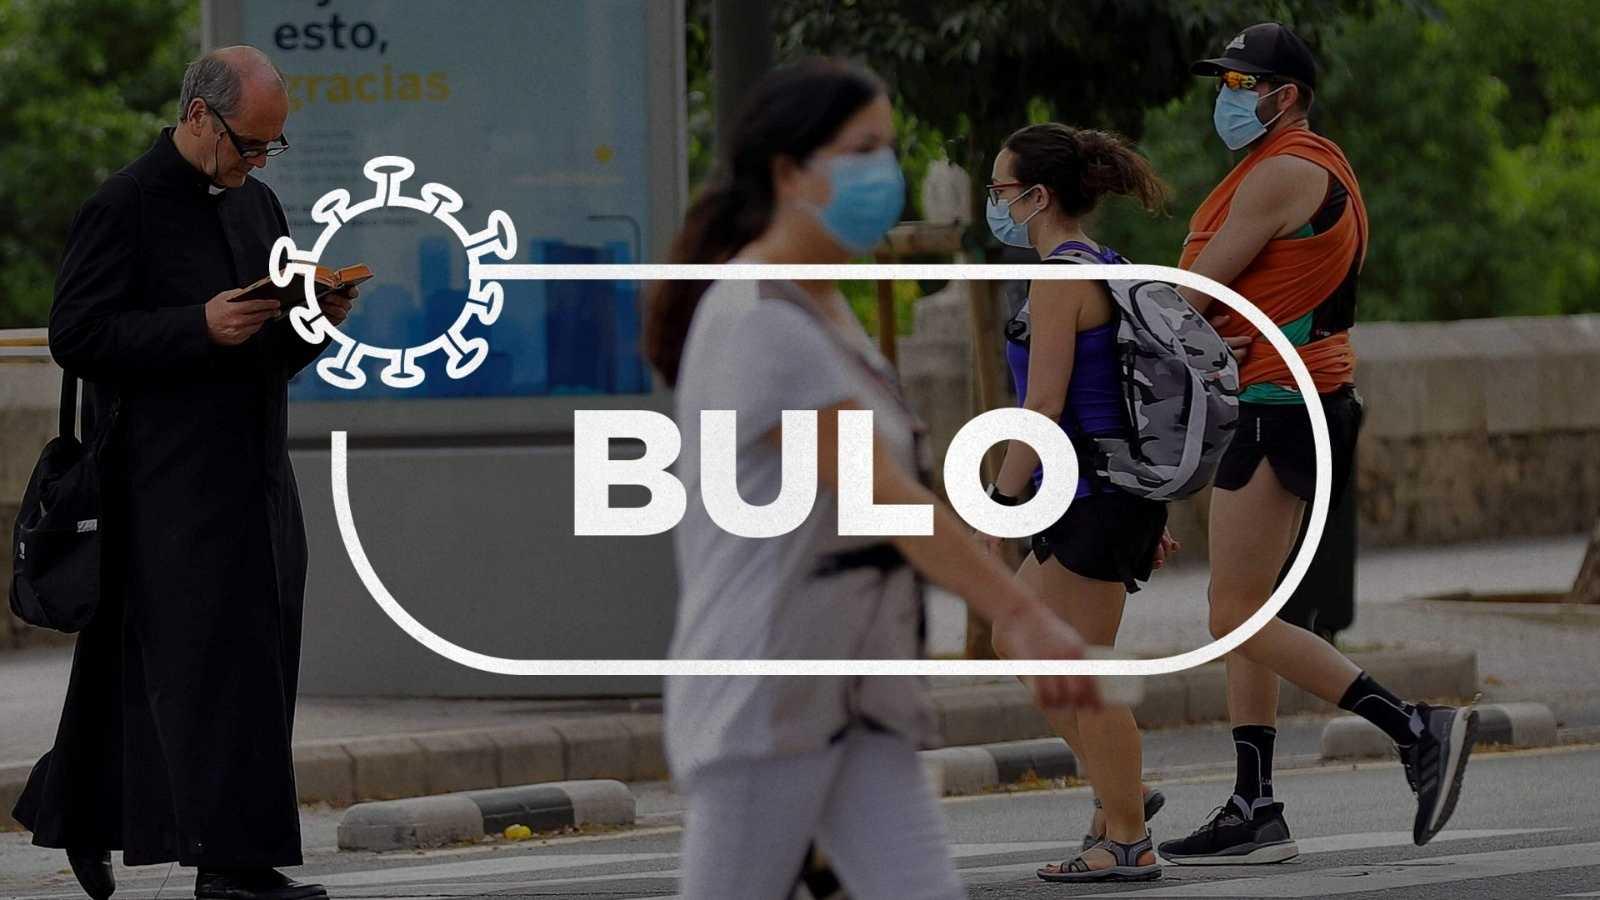 """Un sacerdote y otras personas caminan por la calle en una imagen con el sello de Verifica RTVE en el que se lee la palabra """"bulo""""."""